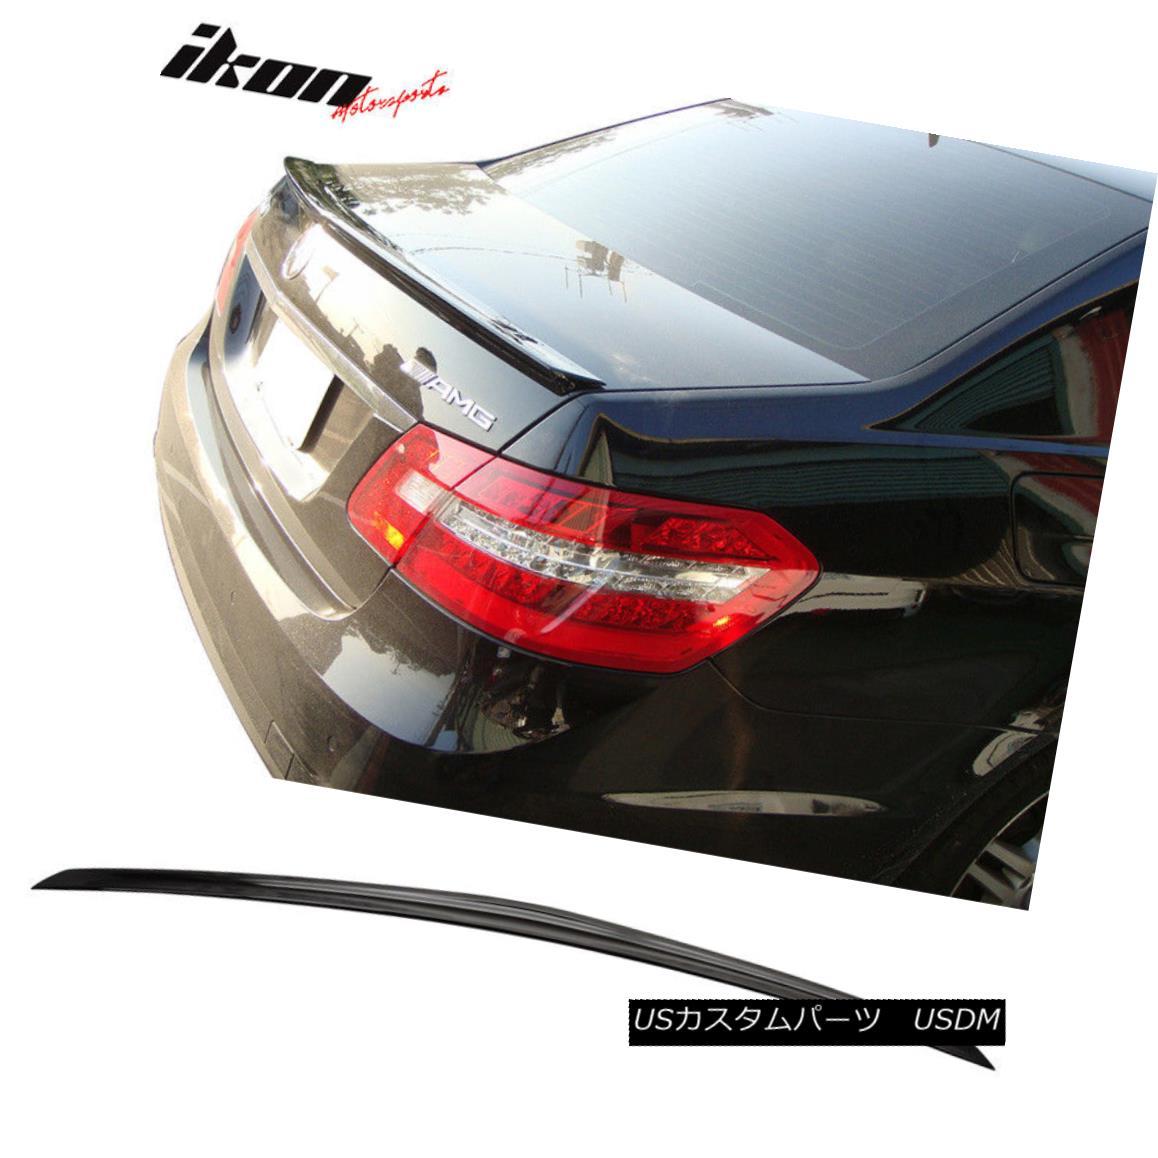 エアロパーツ Fits 10-16 E-Class W212 AMG Trunk Spoiler Painted #197 Obsidian Black Metallic フィット10-16 EクラスW212 AMGトランク・スポイラー・ペイント#197 Obsidian Black Metallic